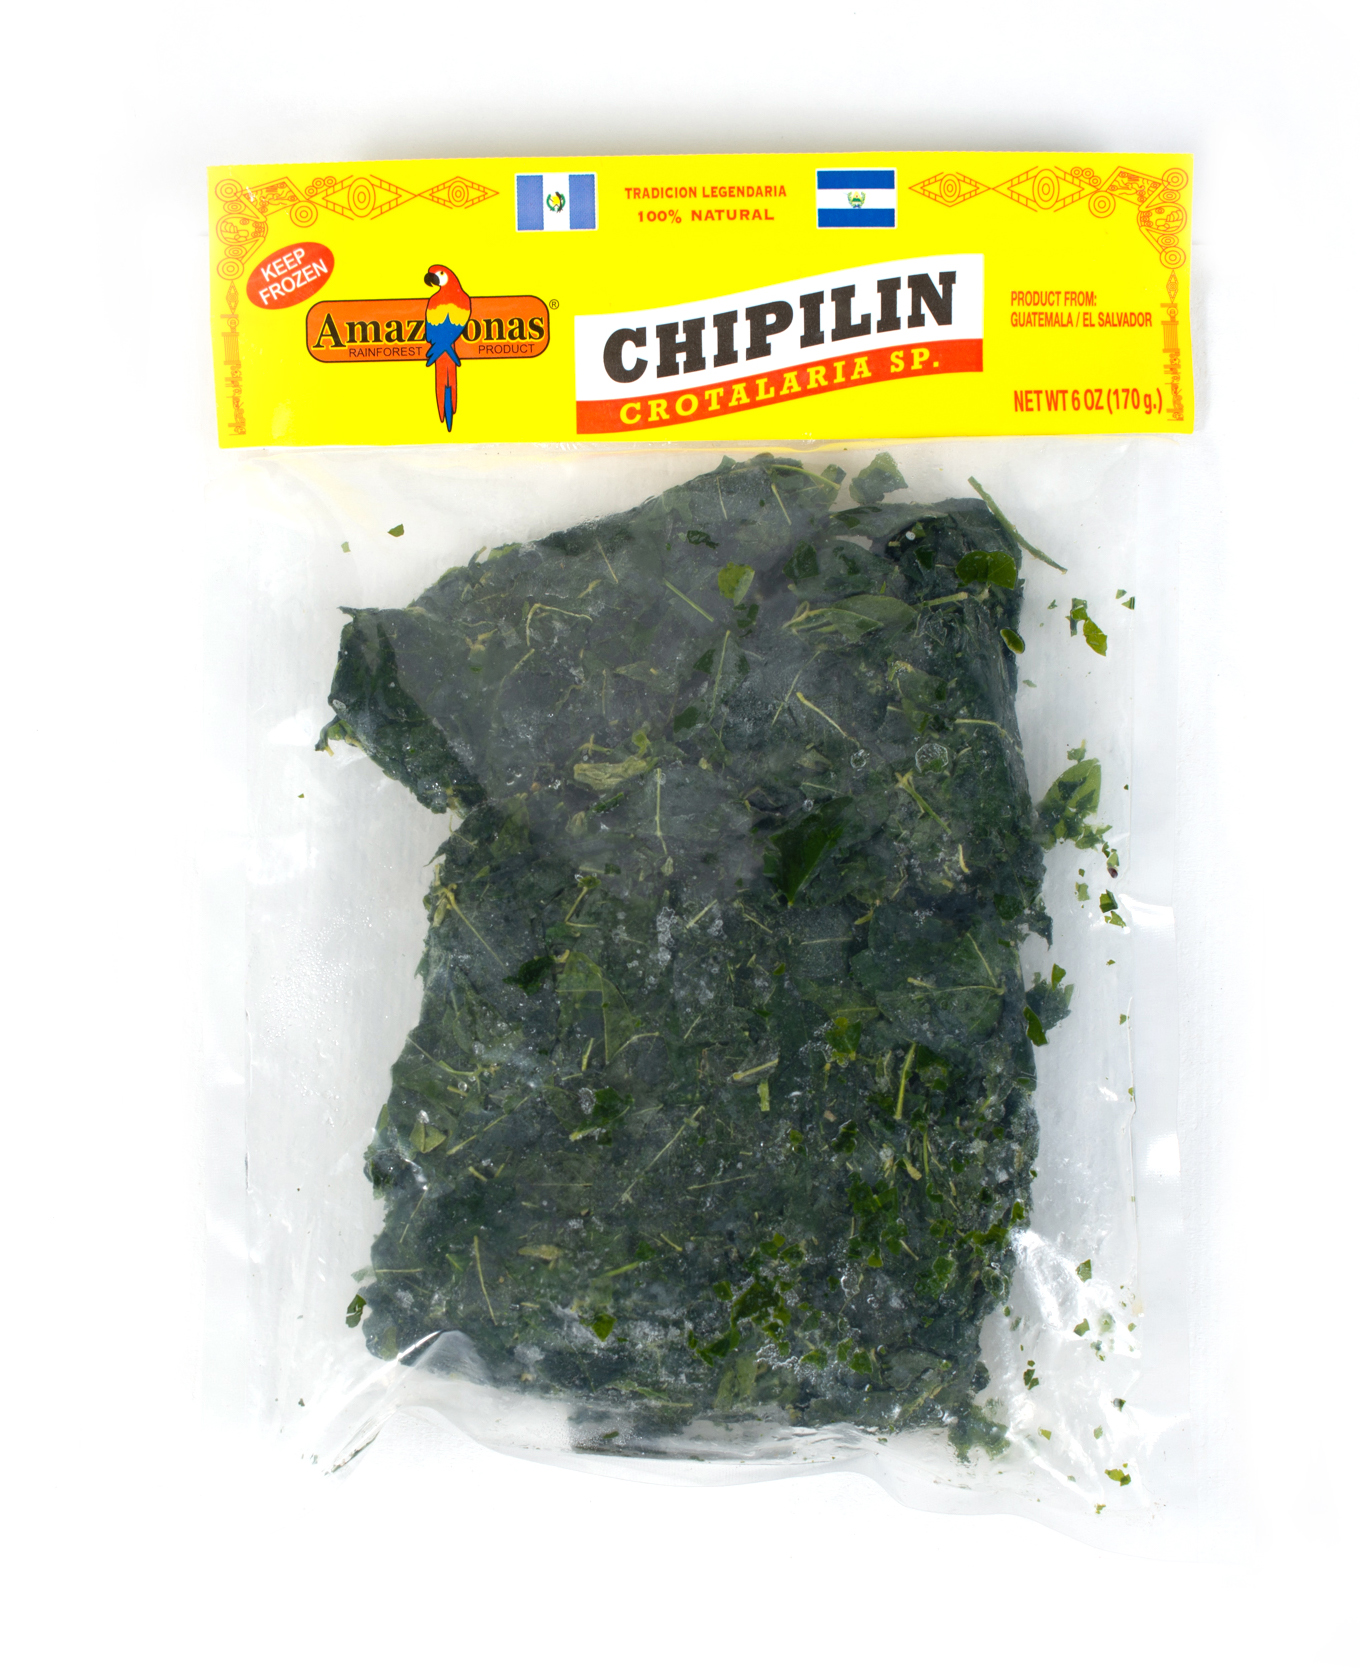 CHIPILIN